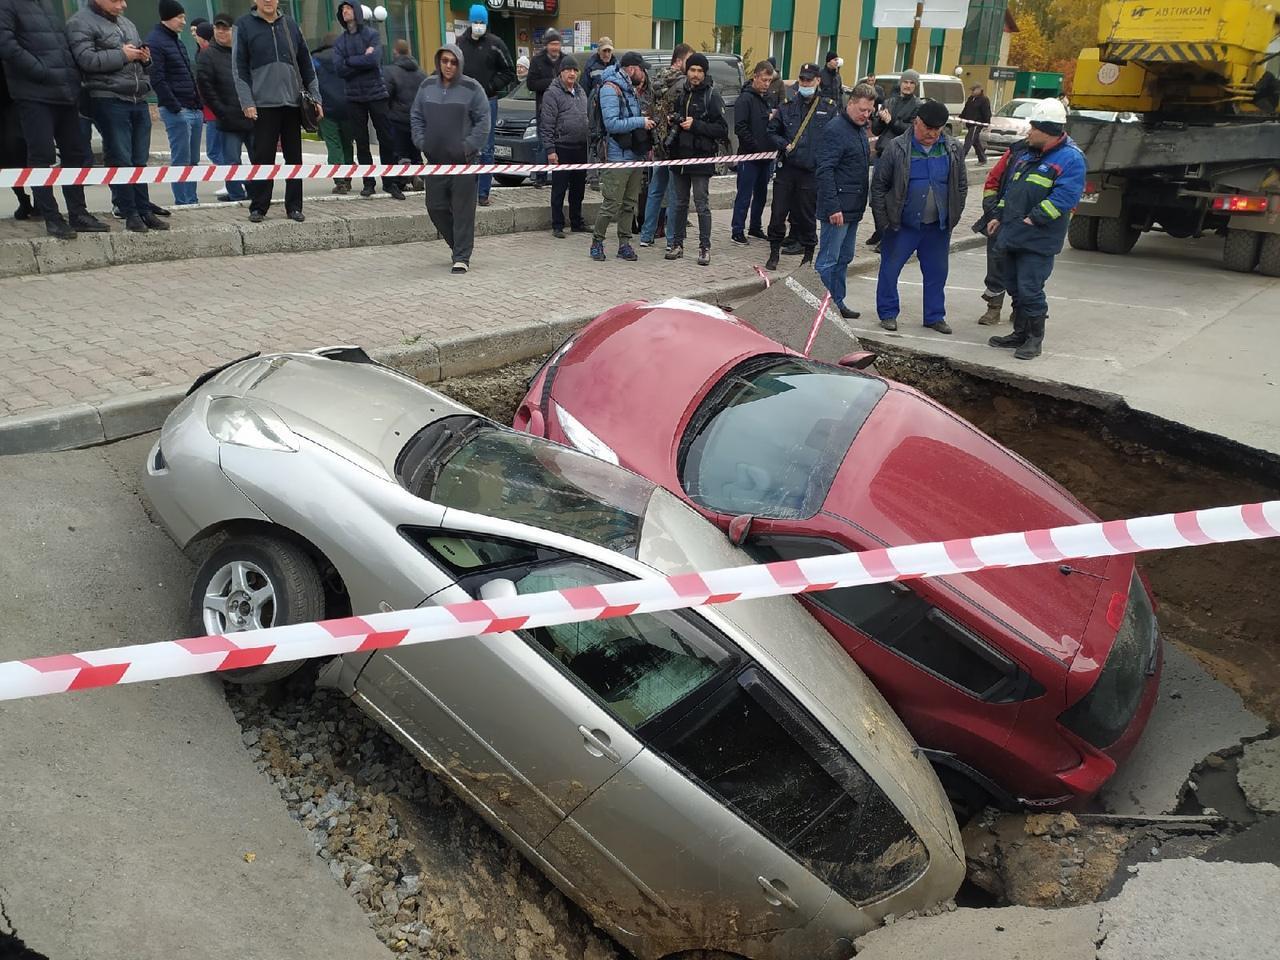 Фото Появились фото с места провала машин в яму с кипятком в Новосибирске 3